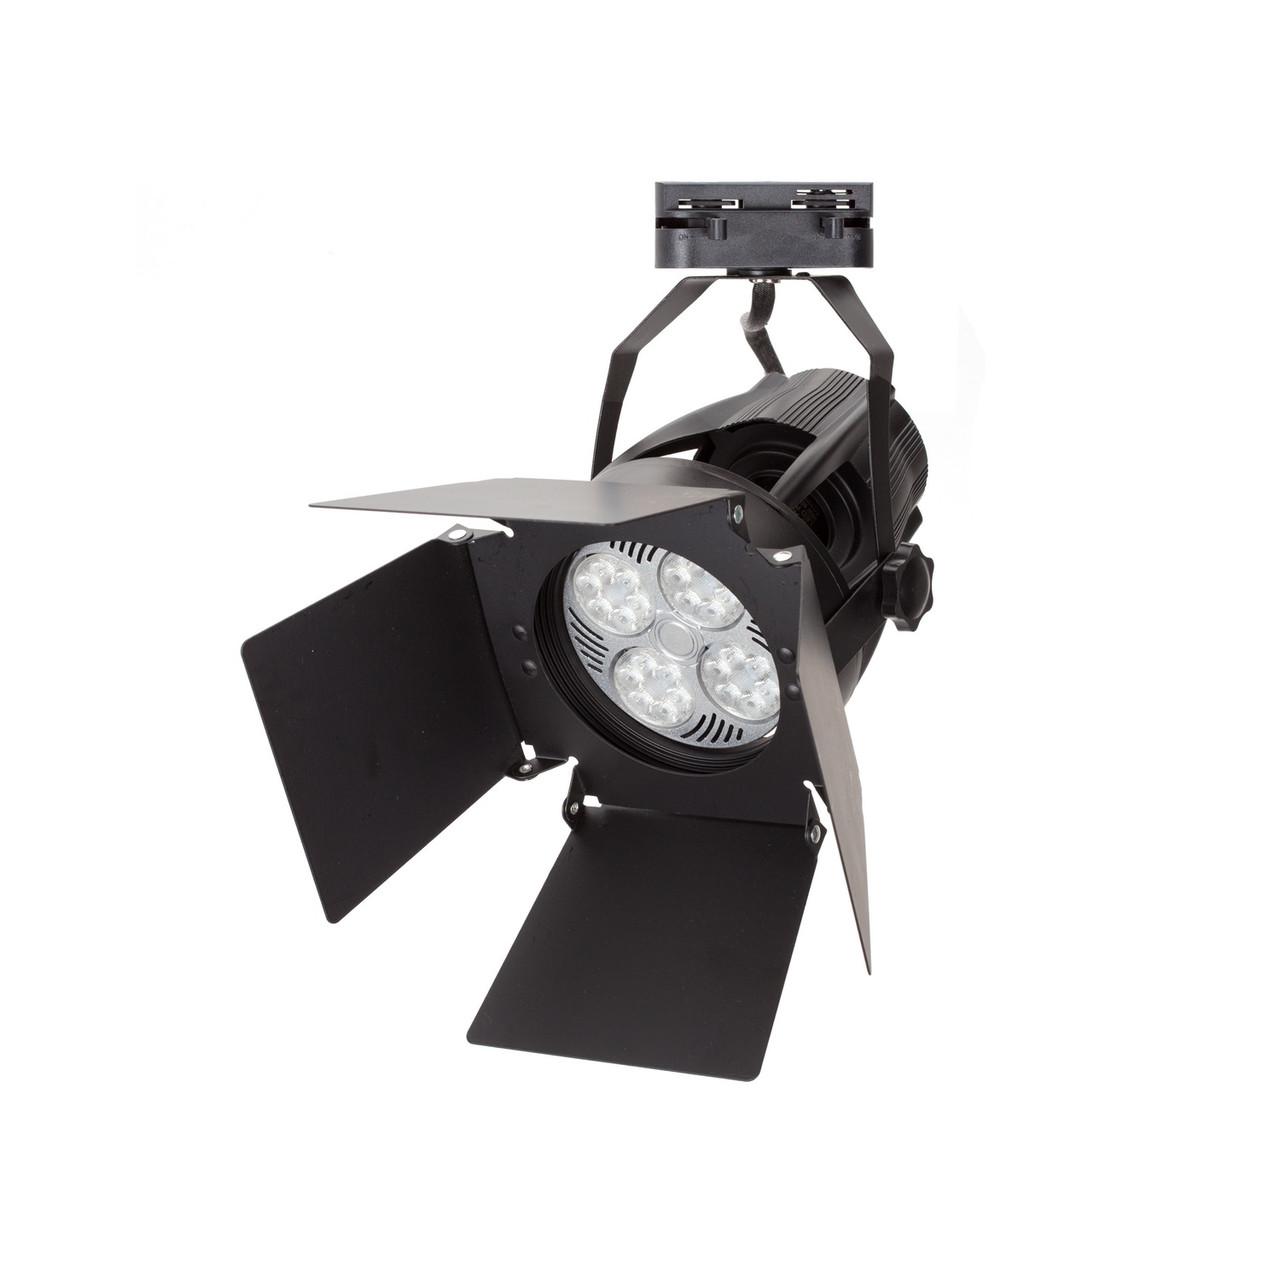 Трековый светодиодный светильник LD-35W (на шинопроводе) LED PAR30 E27(в комплекте), со шторками